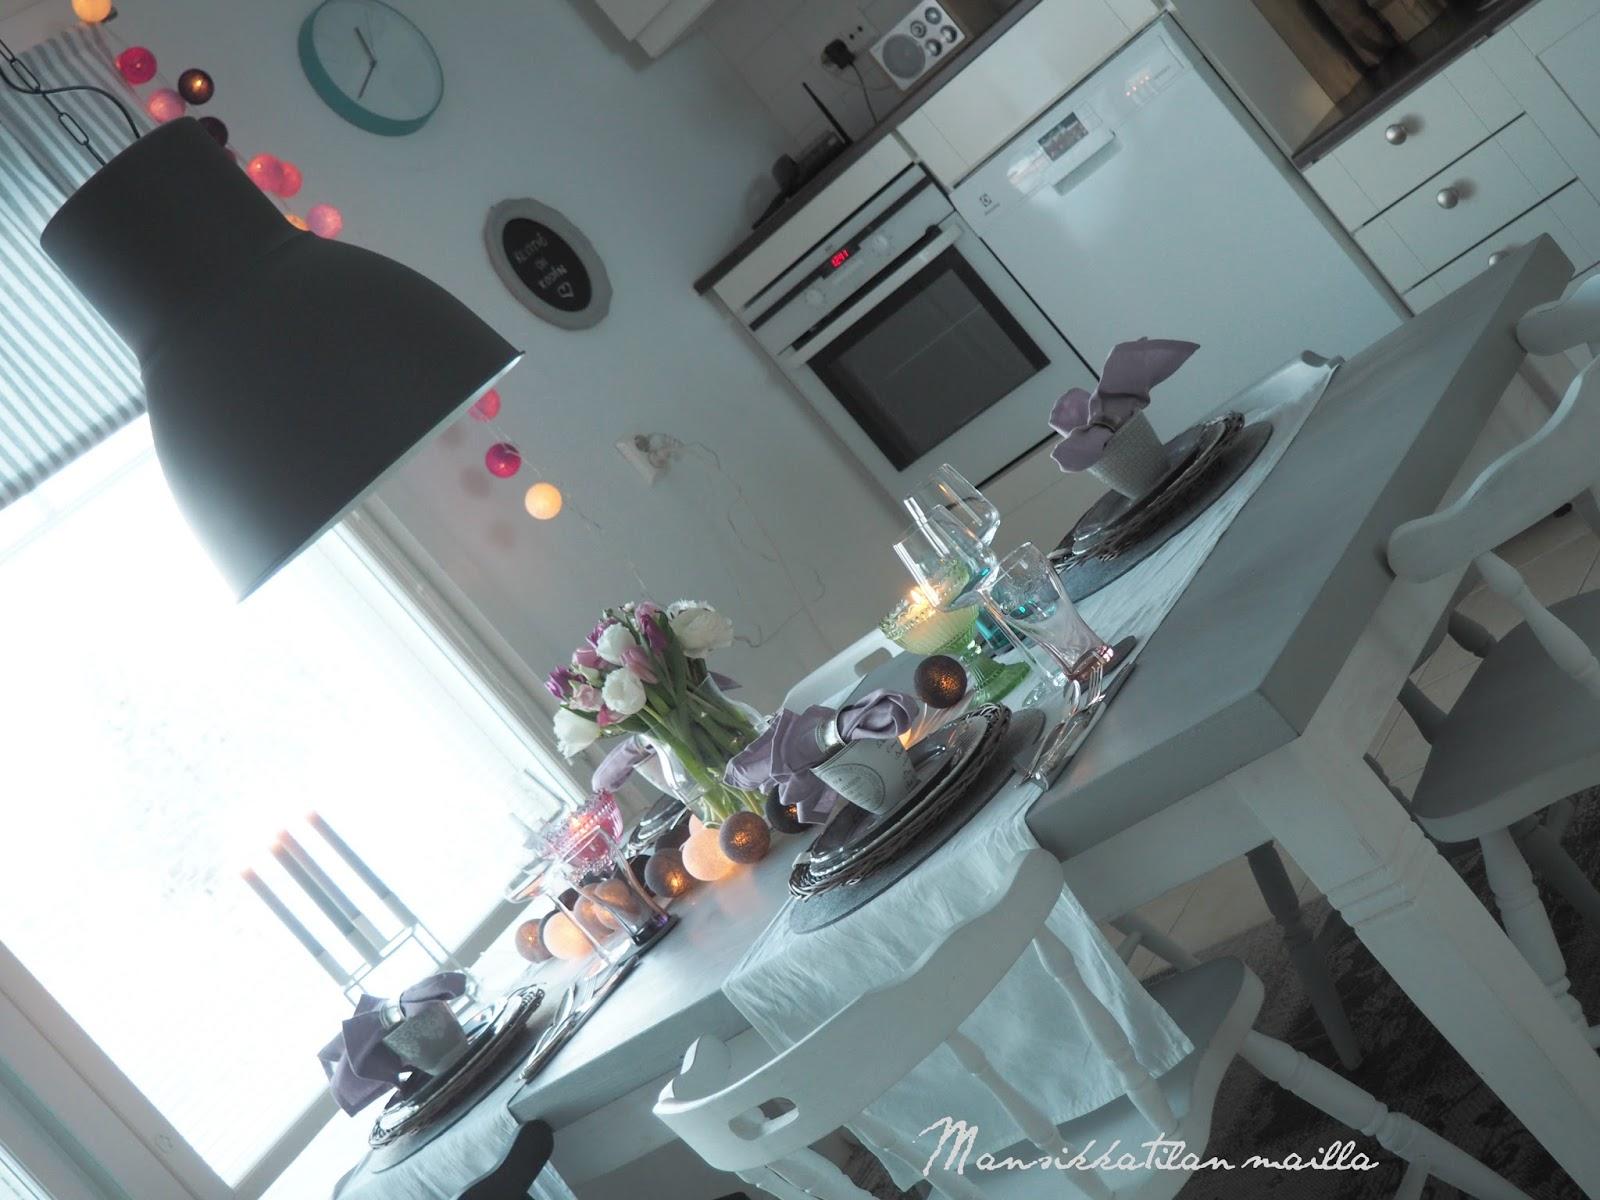 Mansikkatilan mailla Keväinen keittiö ja kattaus  lehdessä!